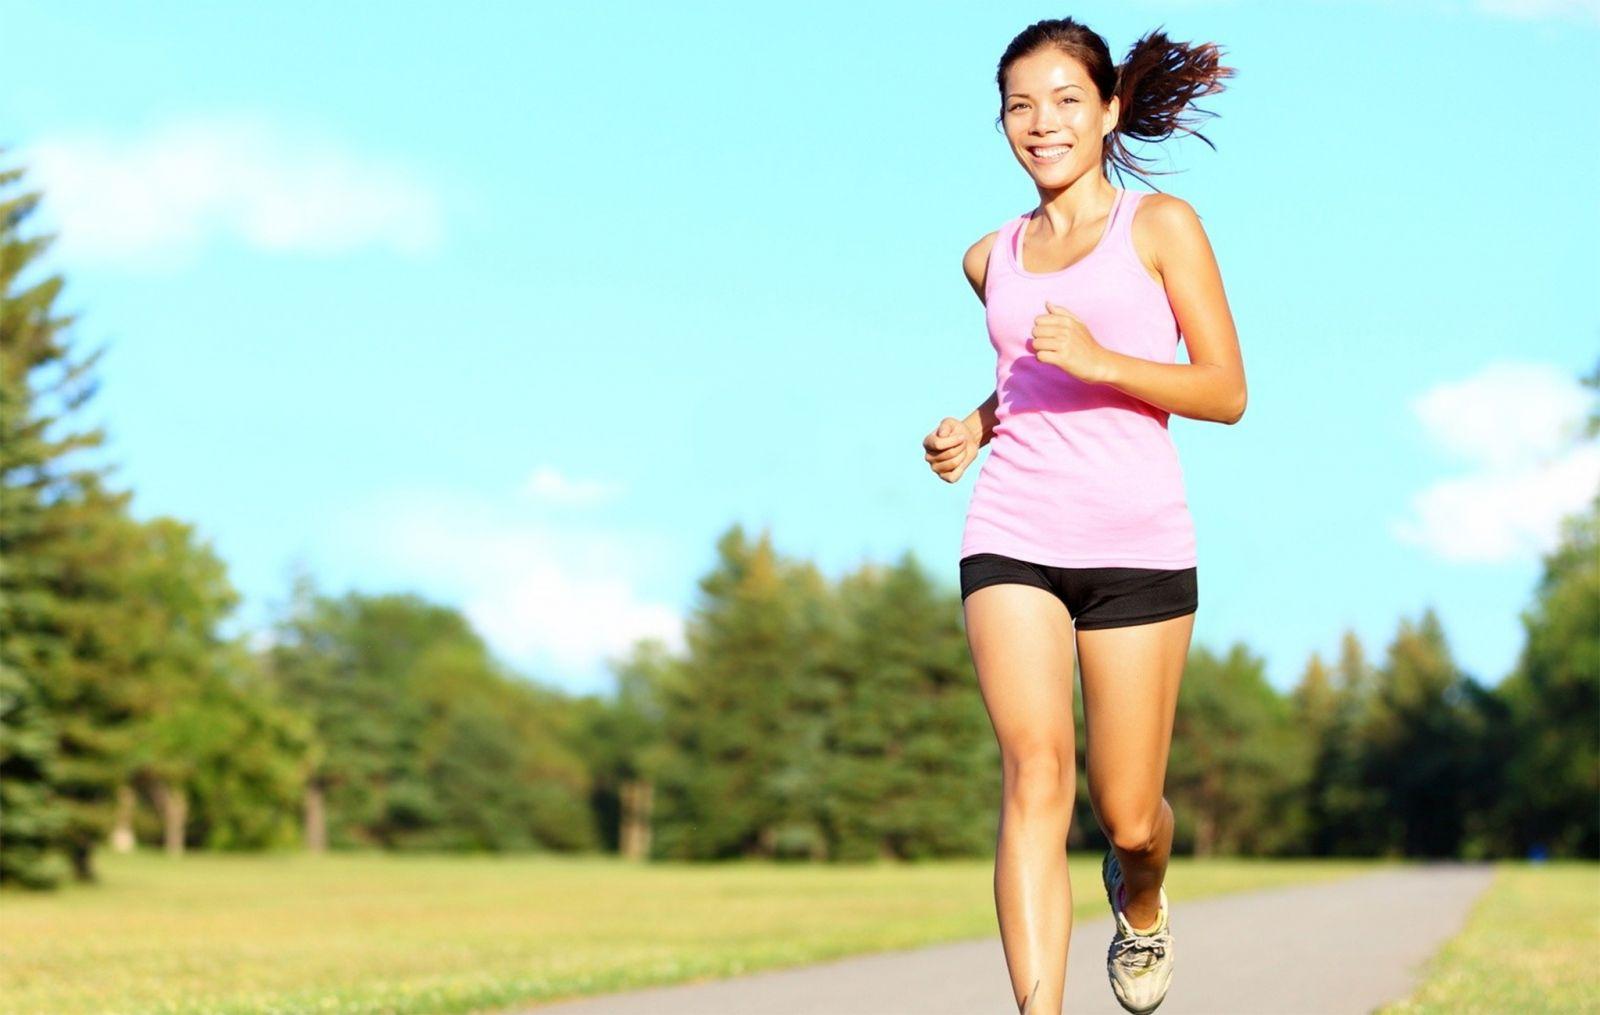 Bạn nên tăng cường rèn luyện sức khỏe để đáp ứng được yêu cầu về công việc